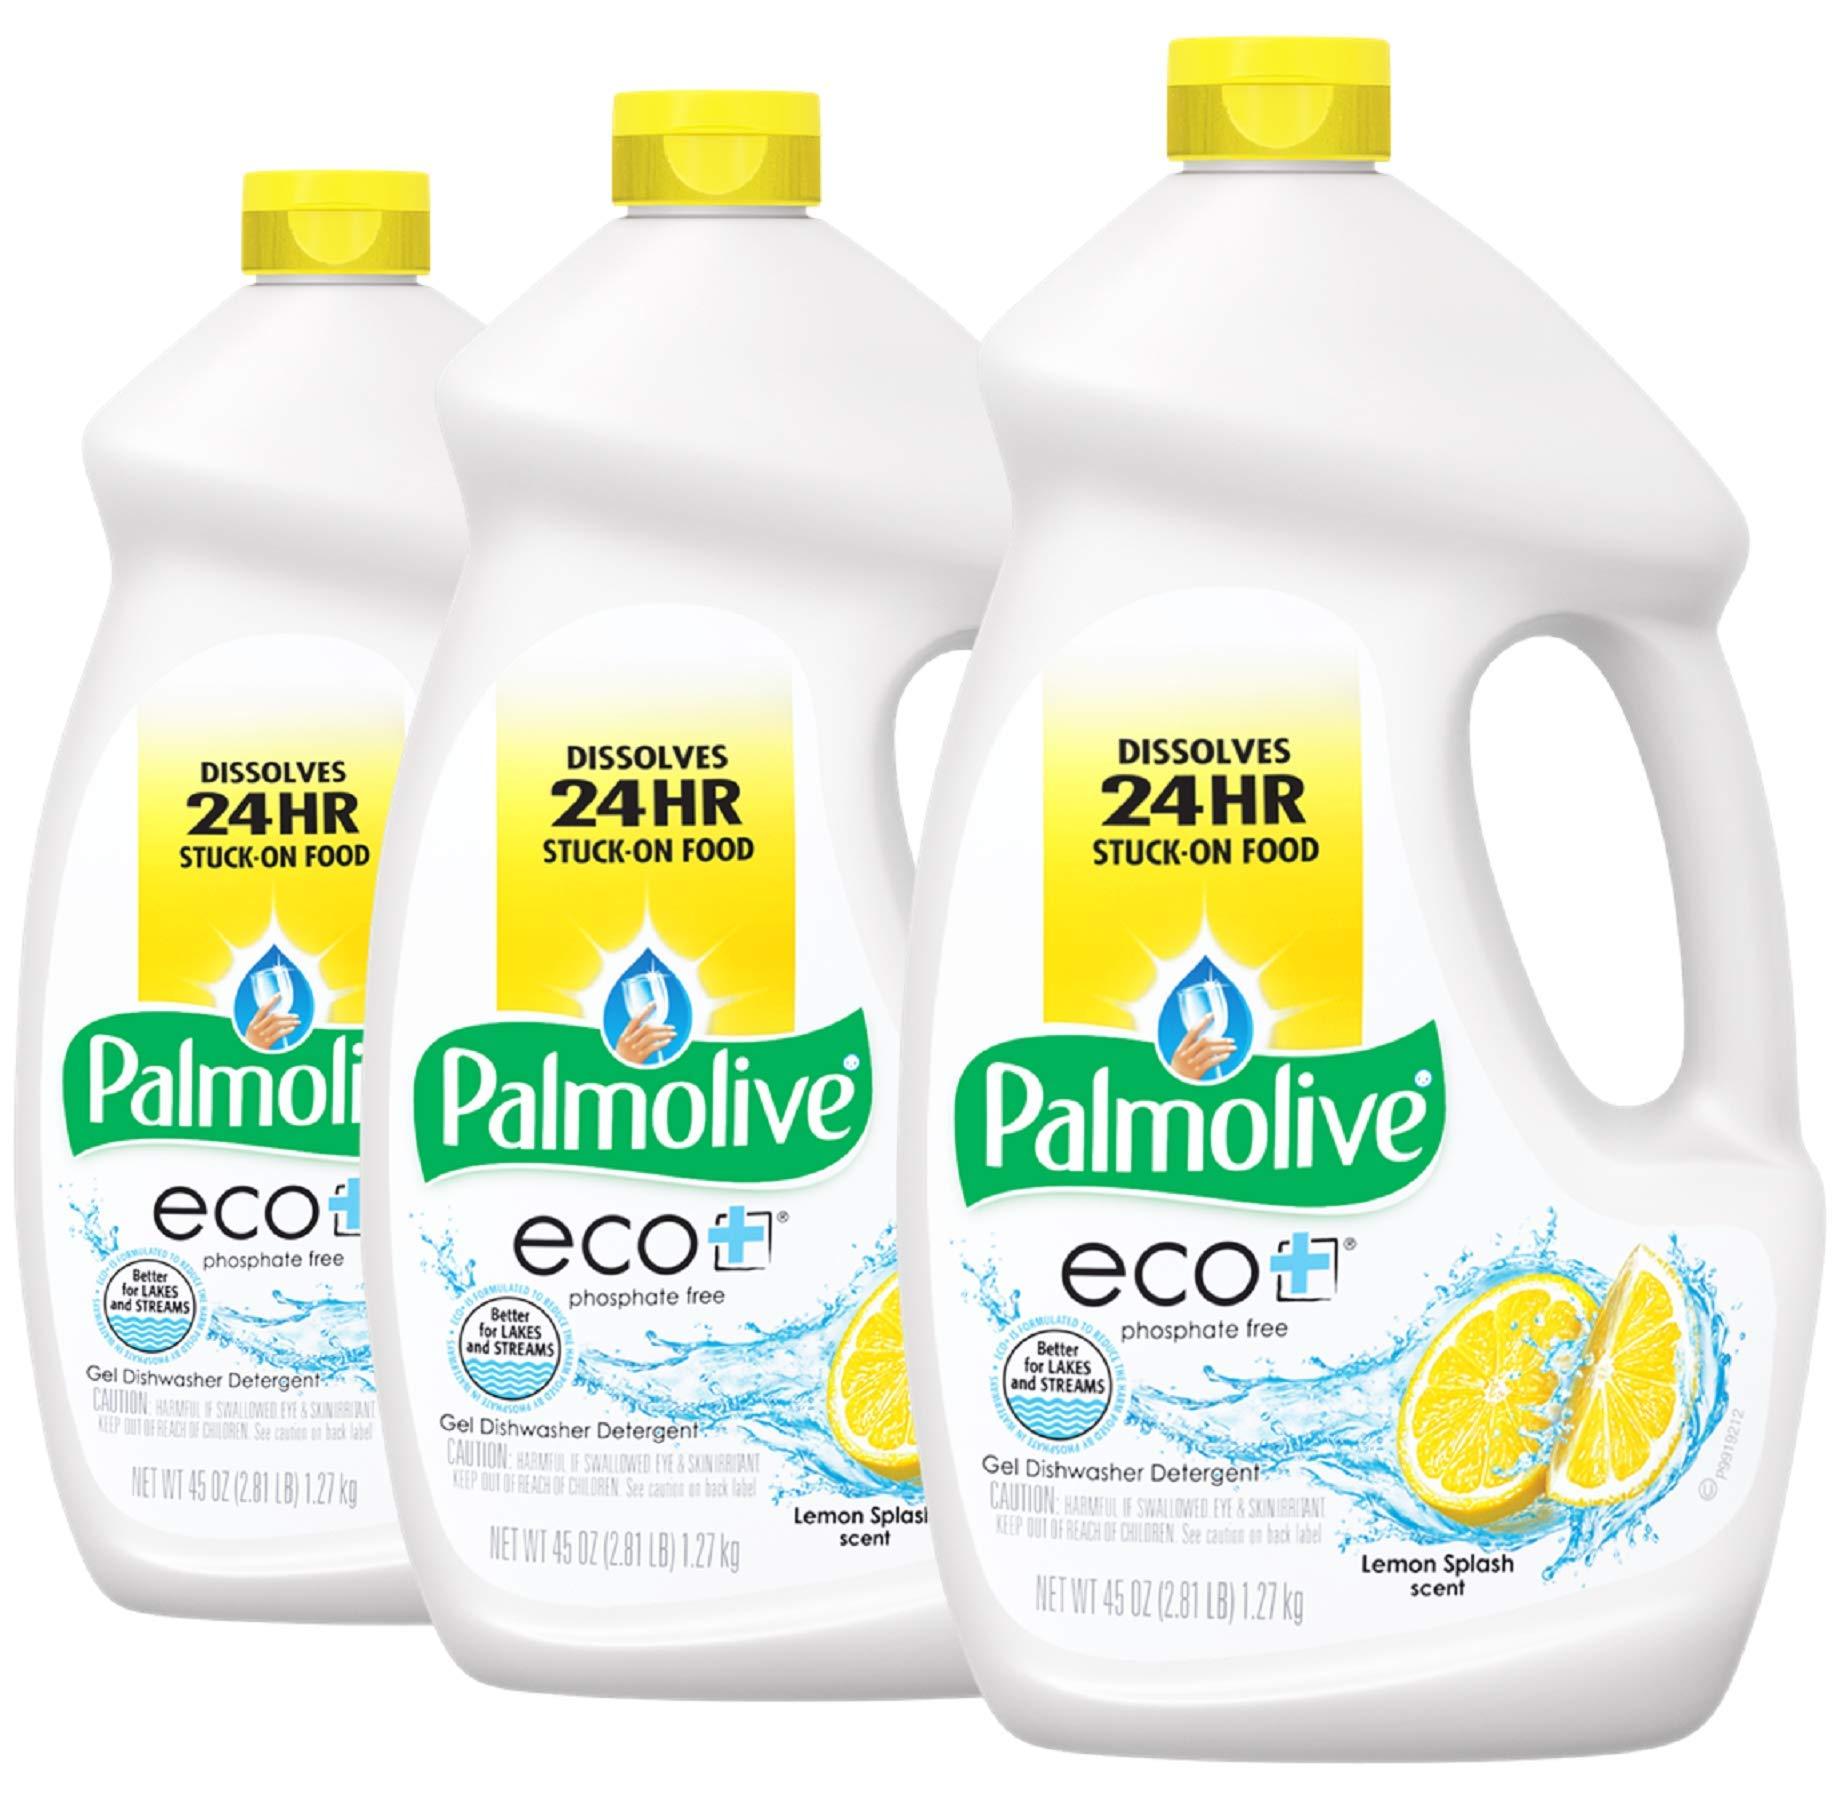 Palmolive Eco Gel Dishwasher Detergent, Lemon Splash - 45 Ounce (3 Pack)